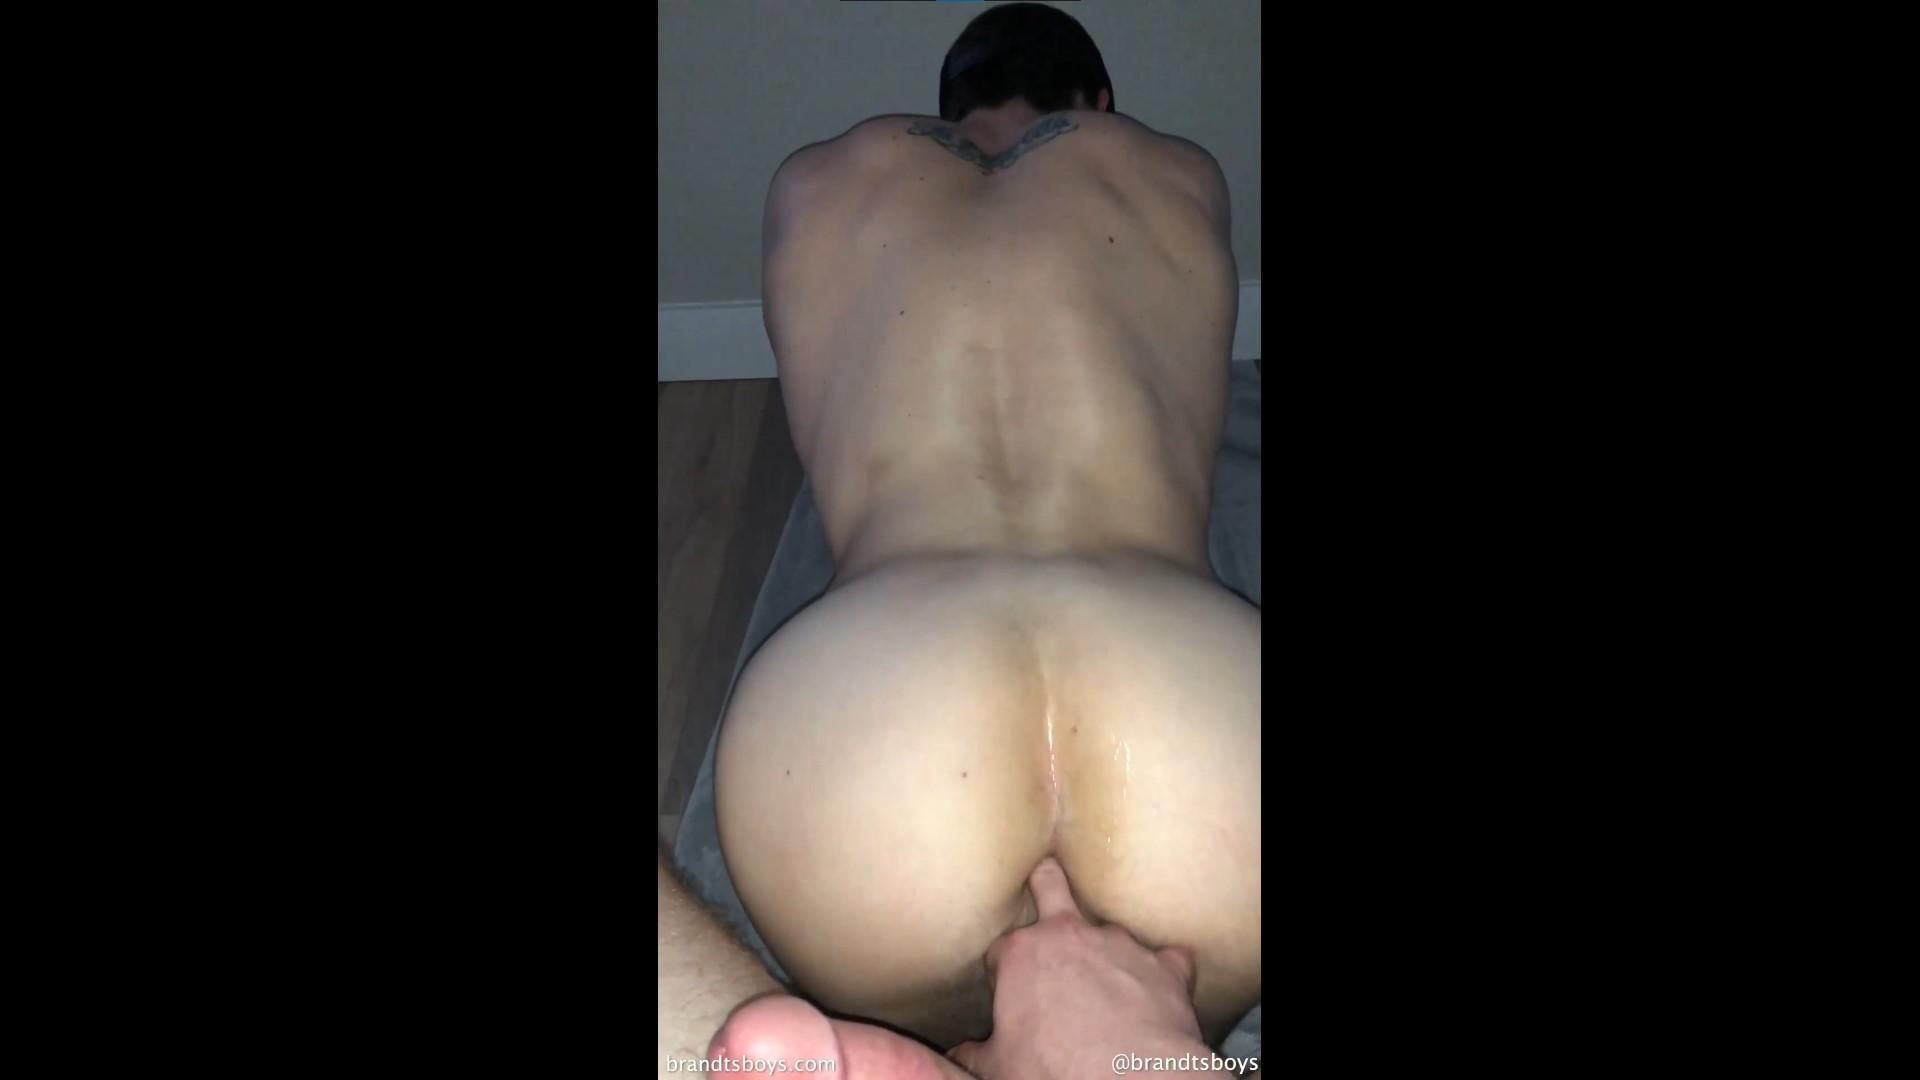 Brandt fucks Kyle - BrandtandNash - Kylexbrandt